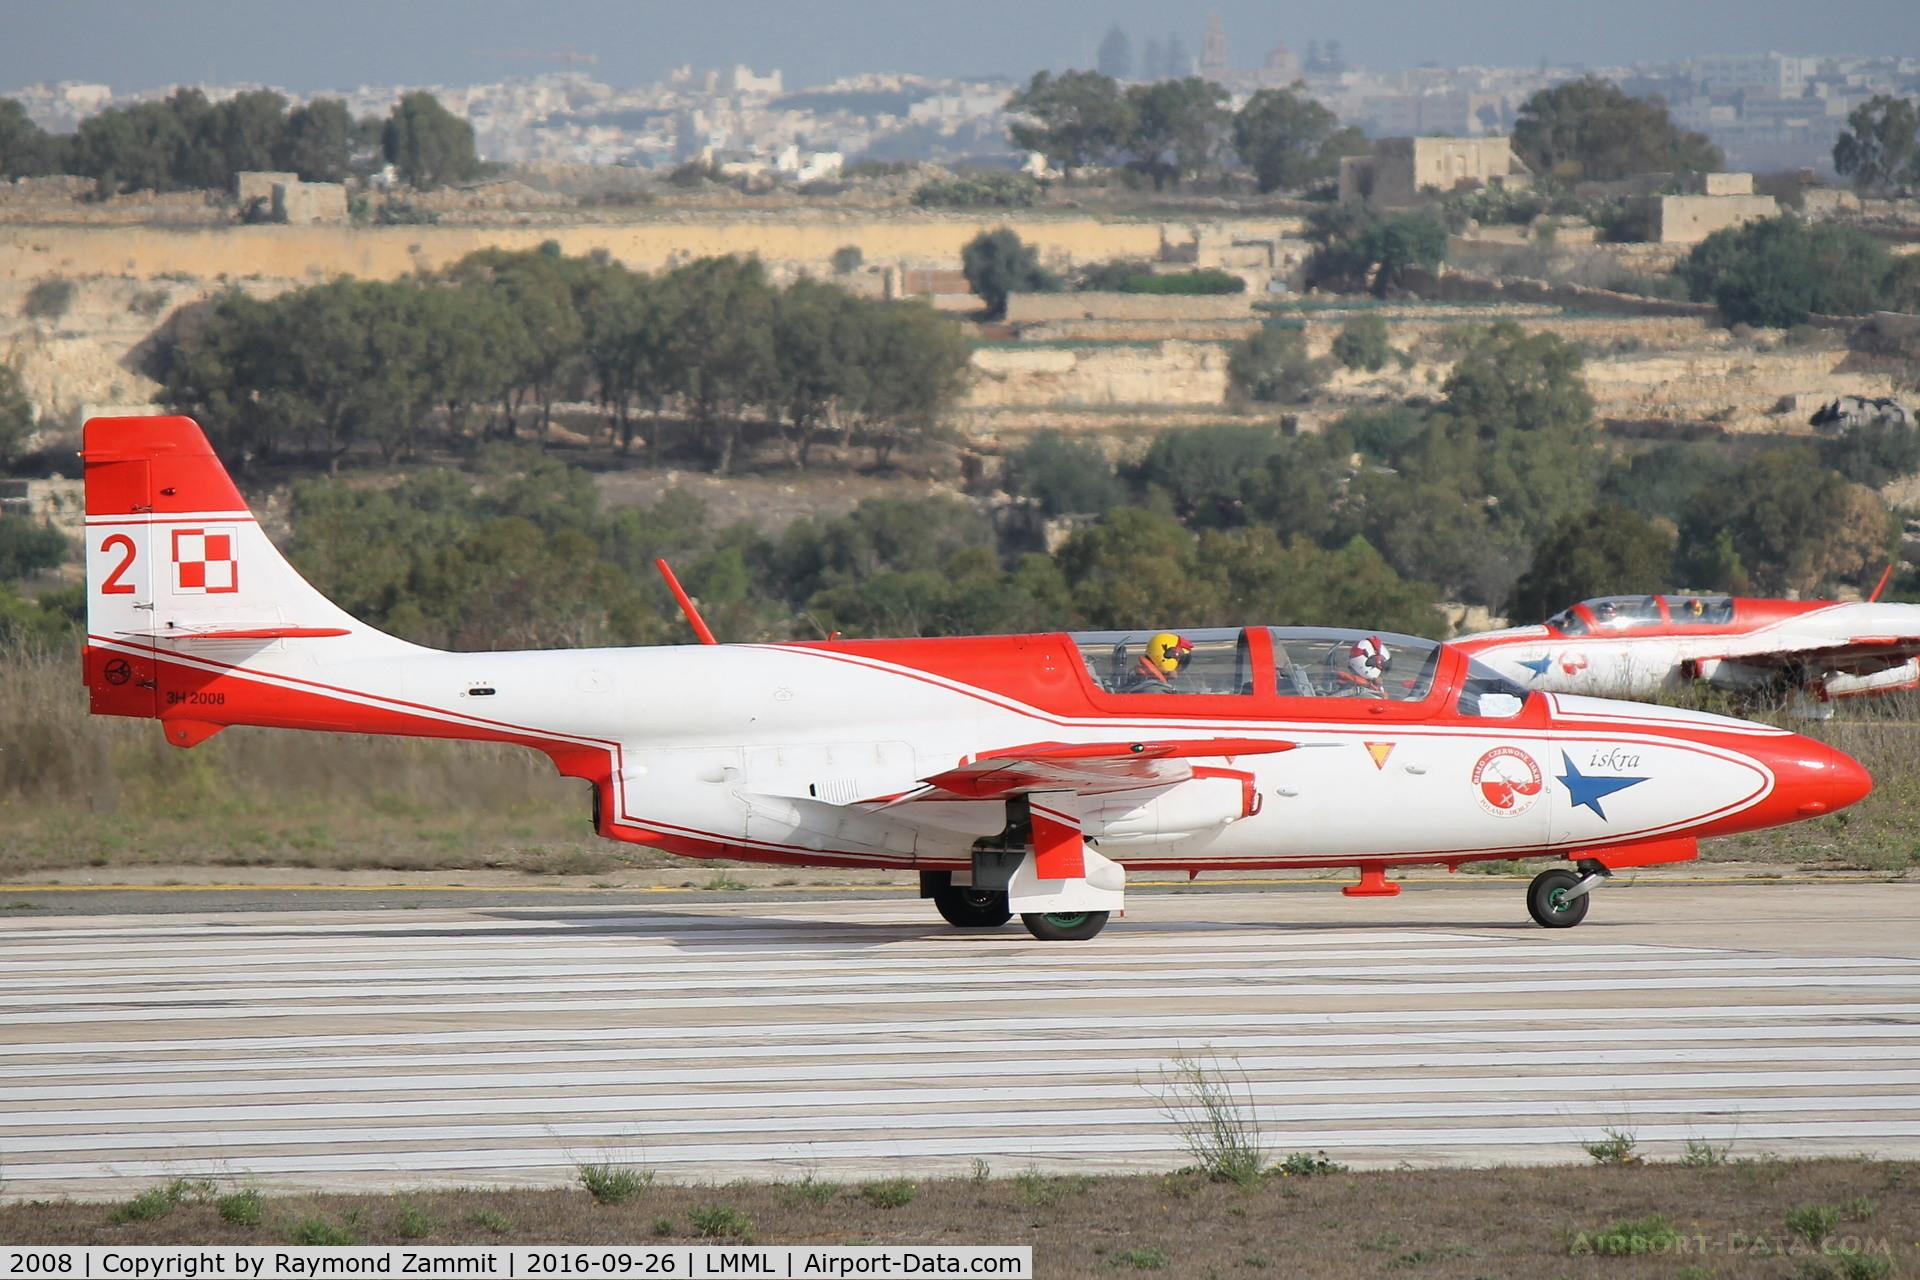 2008, PZL-Mielec TS-11 Iskra bis DF C/N 3H-2008, PZL-Mielec TS-11 Iskra 2008/2 Polish Air Force Iskra Aerobatic Team